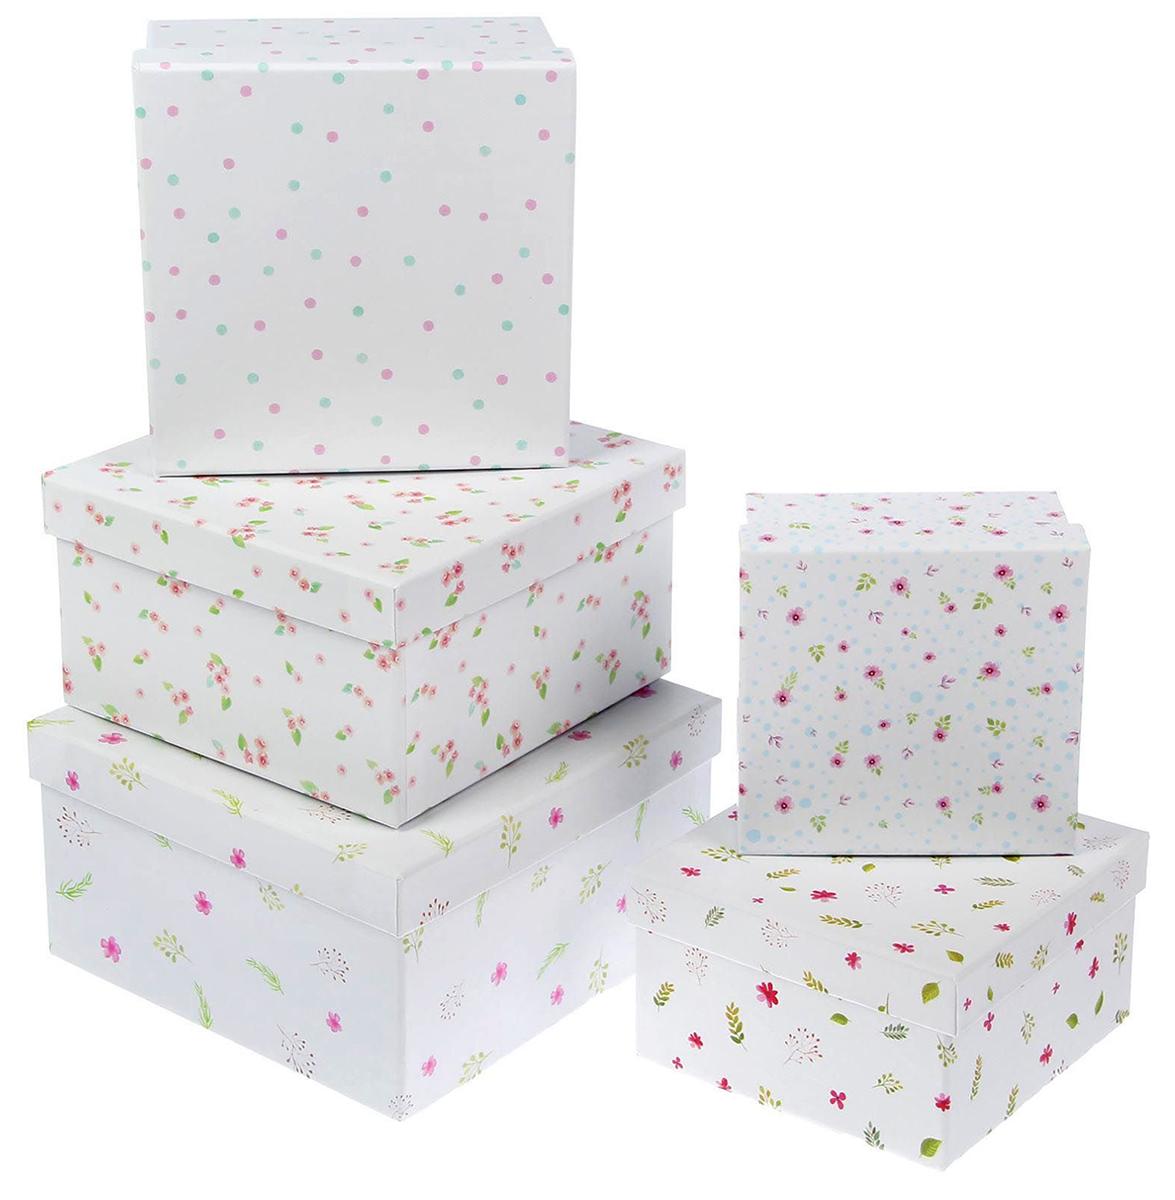 Набор коробок Дарите Счастье 5 в 1 Акварельный, квадрат1433260Шляпные коробки — новое решение для оформления букетов. Такая композиция выглядит оригинально и стильно. Удобная упаковка защищает цветы во время переноски.При наличии флористической губки изделие можно использовать в качестве вазы. Кроме редкого полива и сбрызгивания растения не потребуют особенного ухода. Букет надолго сохранит свежесть и красоту.